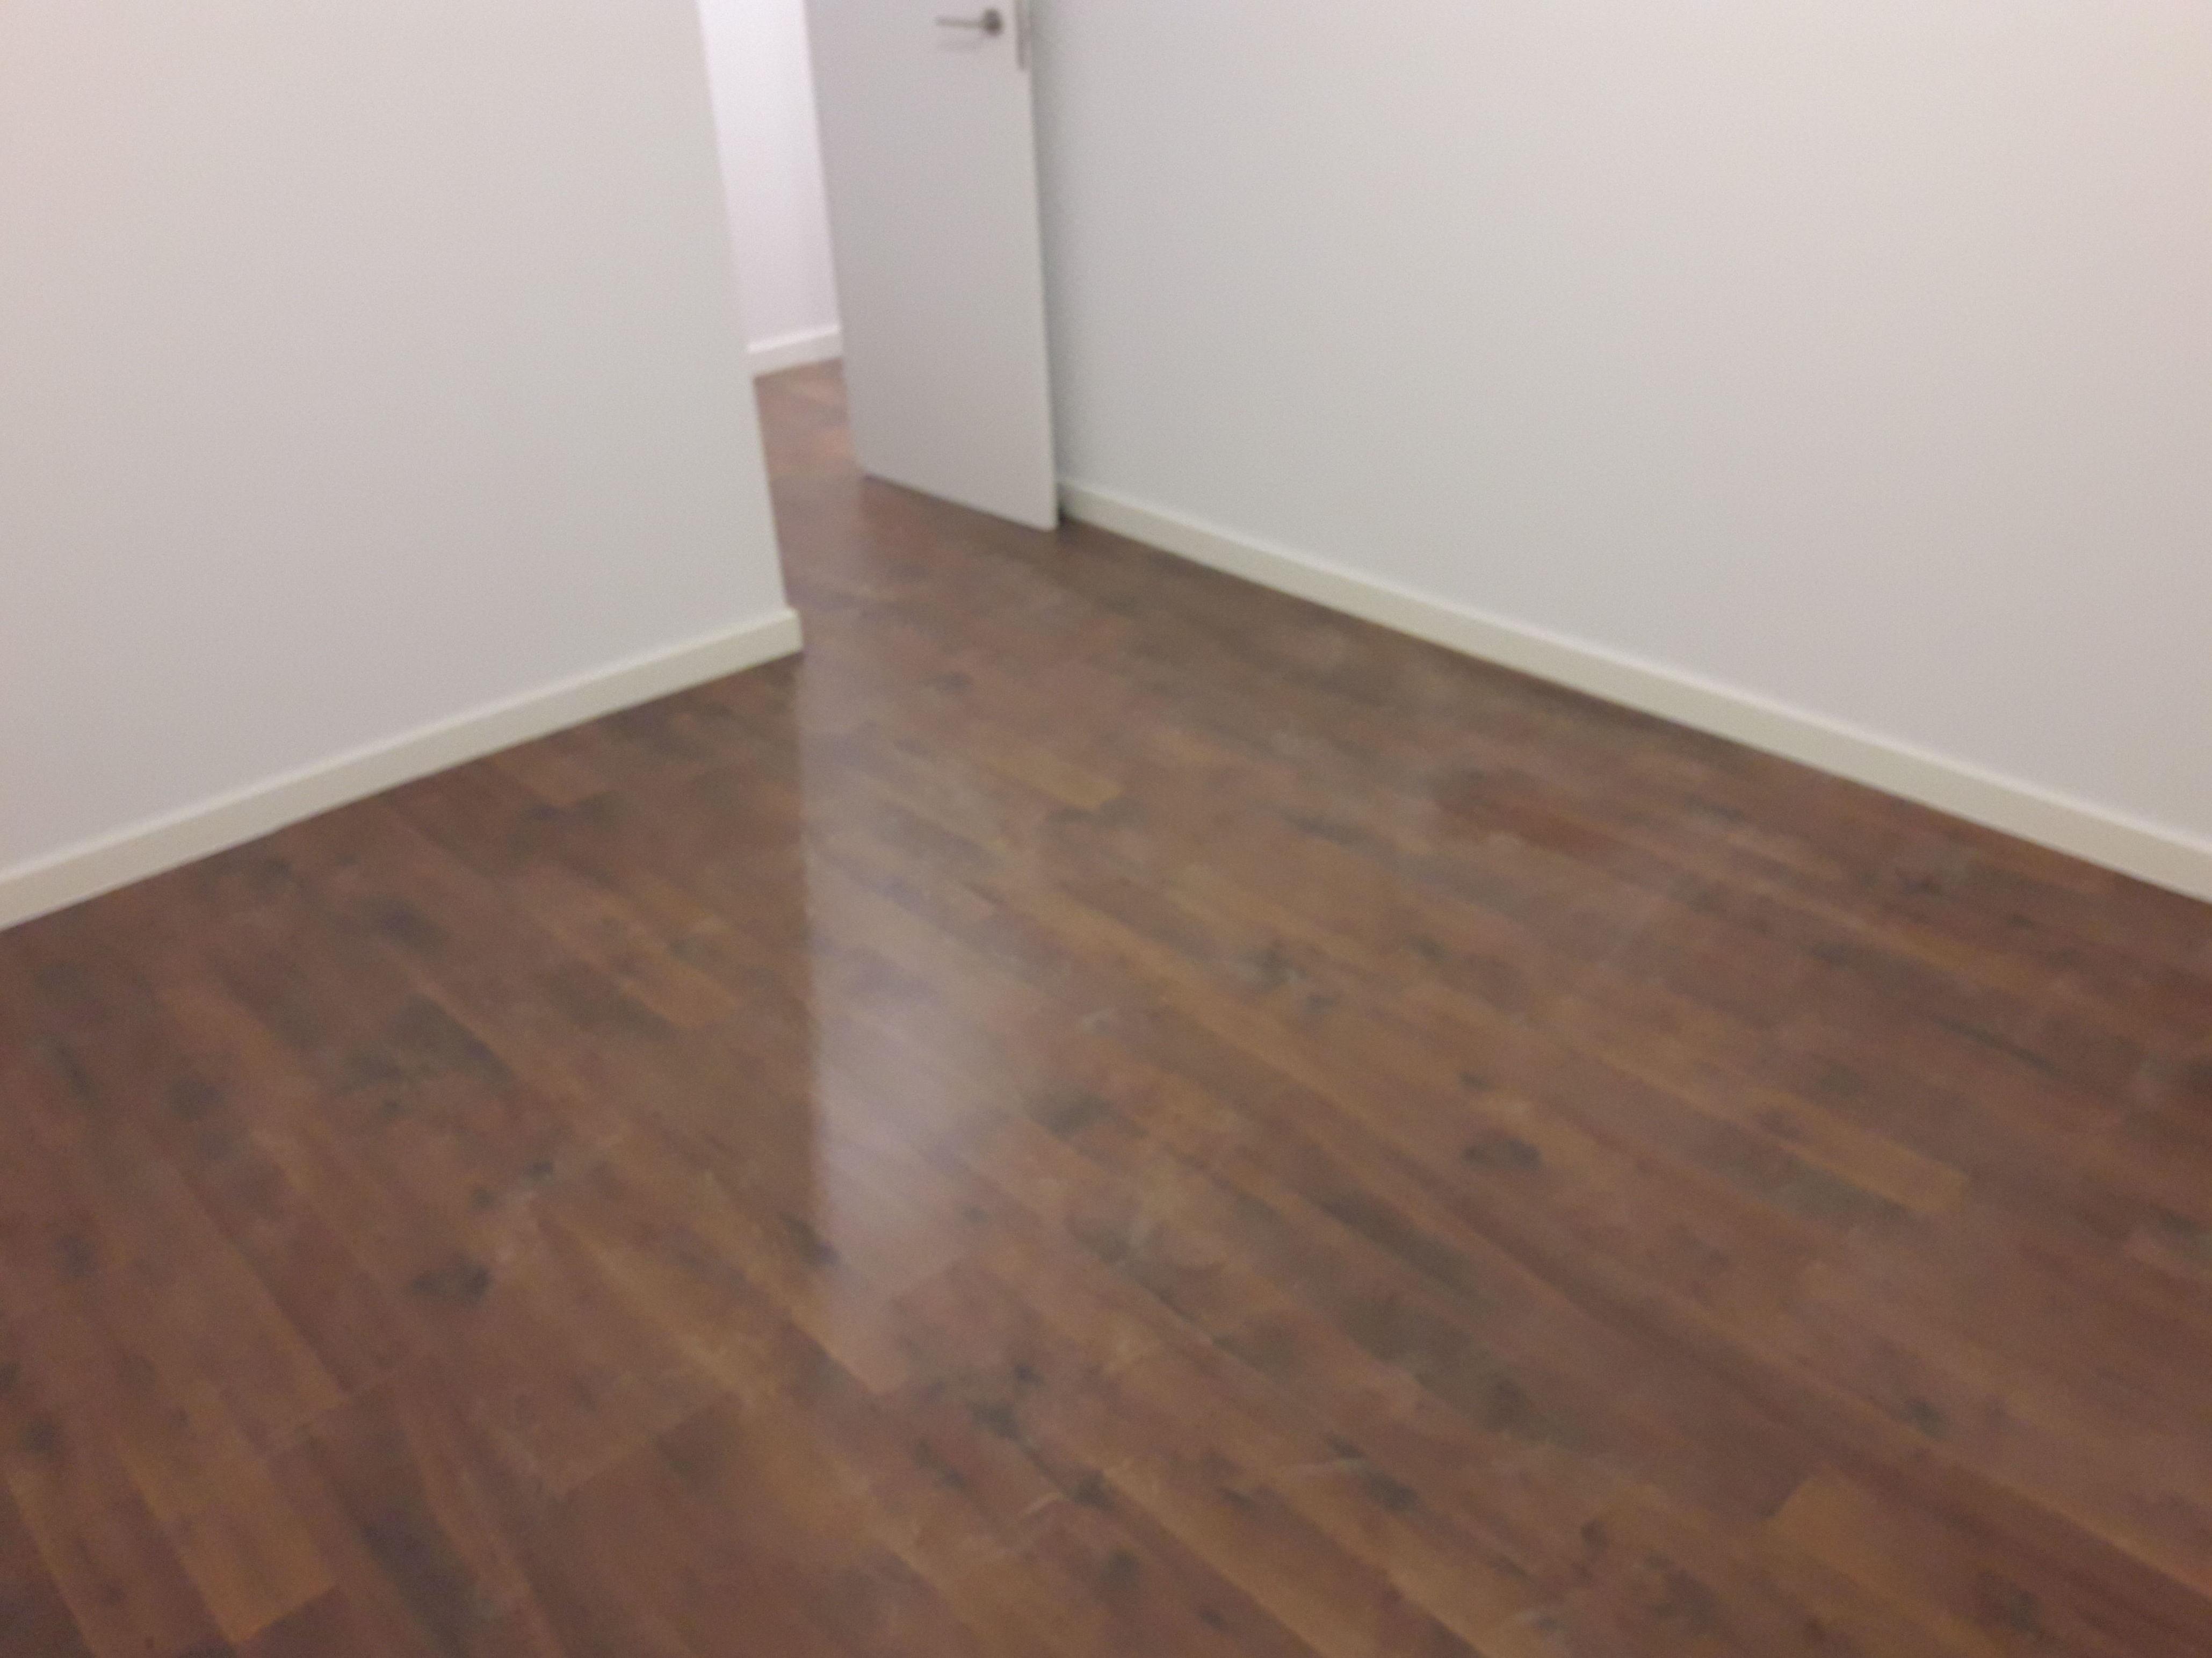 Instalación de Suelo Laminado y rodapiés lacados en blanco en apartamento. Málaga. Instalador de Pavimentos, Tarimas y Suelos Laminados